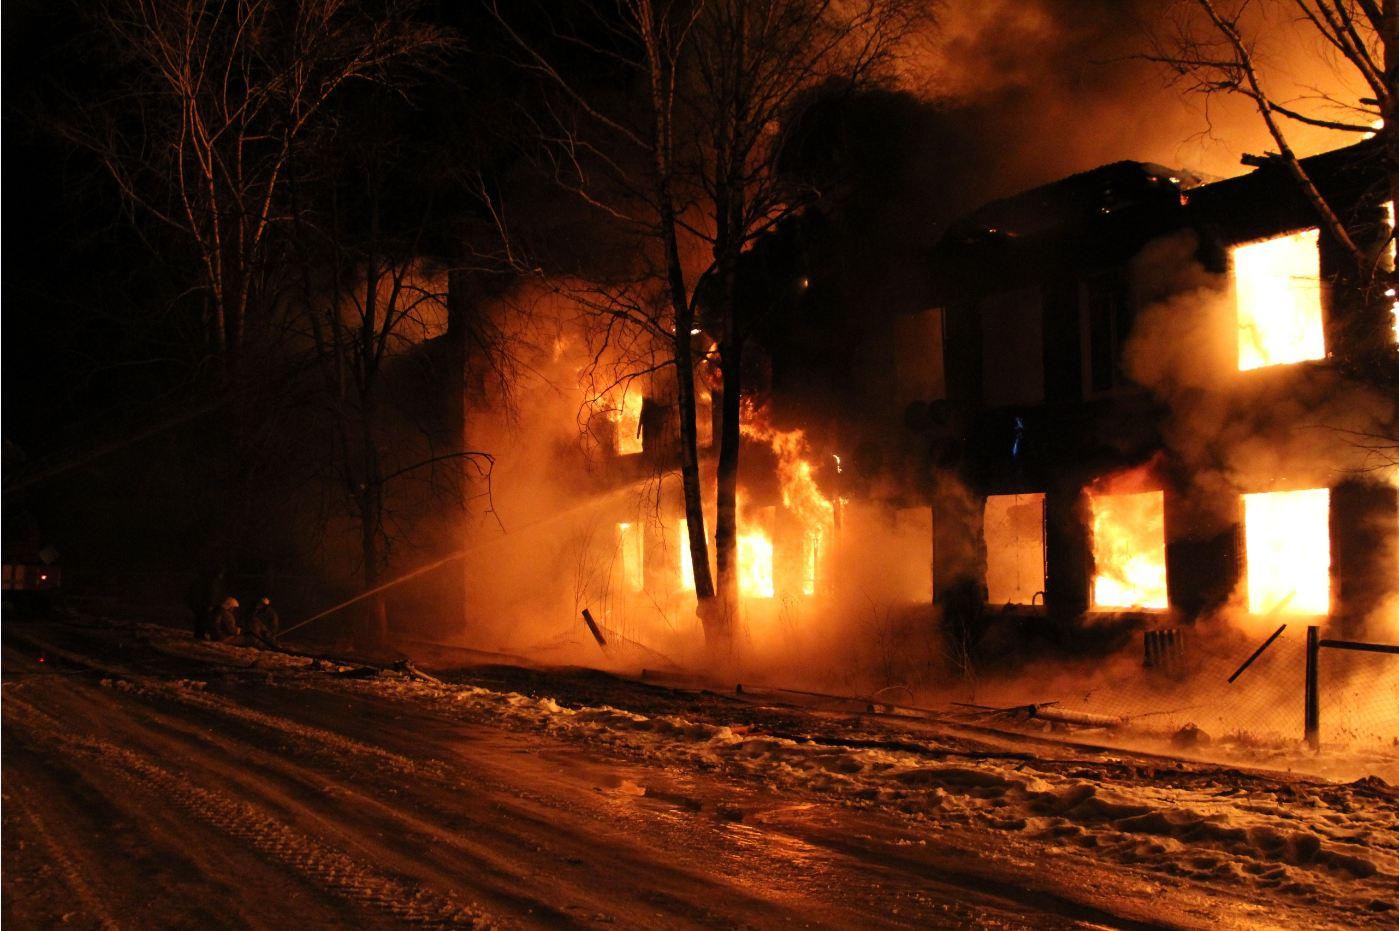 Страшный пожар в Тверской области унес жизни трех человек, в том числе ребенка